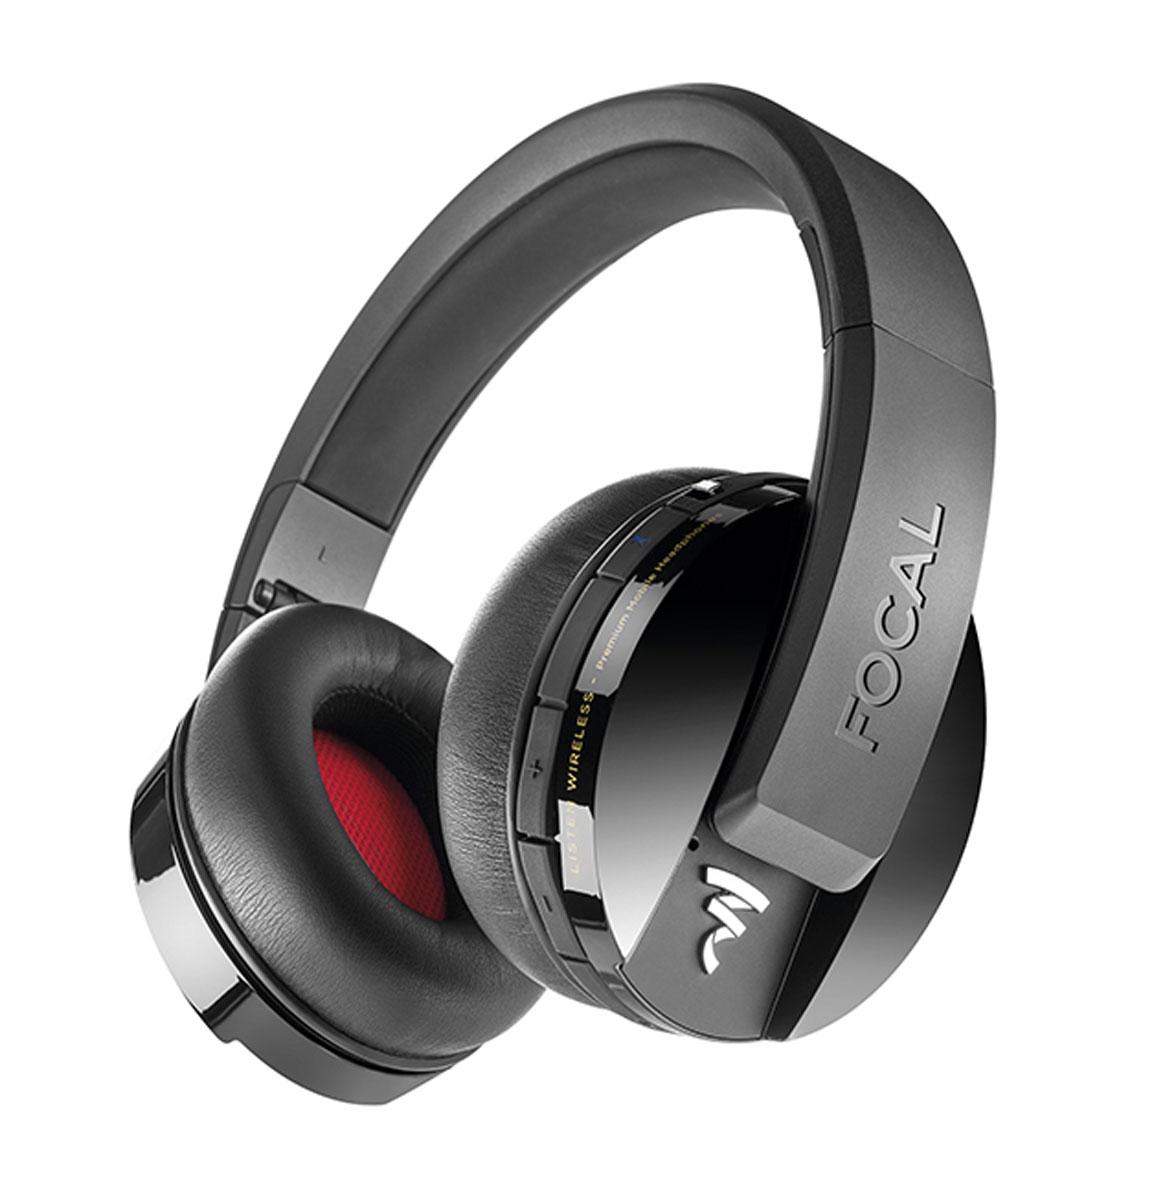 Focal Multimedia Listen Wireless, Black наушникиESPICAS111Беспроводные мониторные наушники с микрофоном, 32 Ом, 15Гц-22кГц, 122 дБ/мВт, Bluetooth 4.1 aptX, майларовый динамик 40 мм, 20ч автономной работы, вес 300 г.